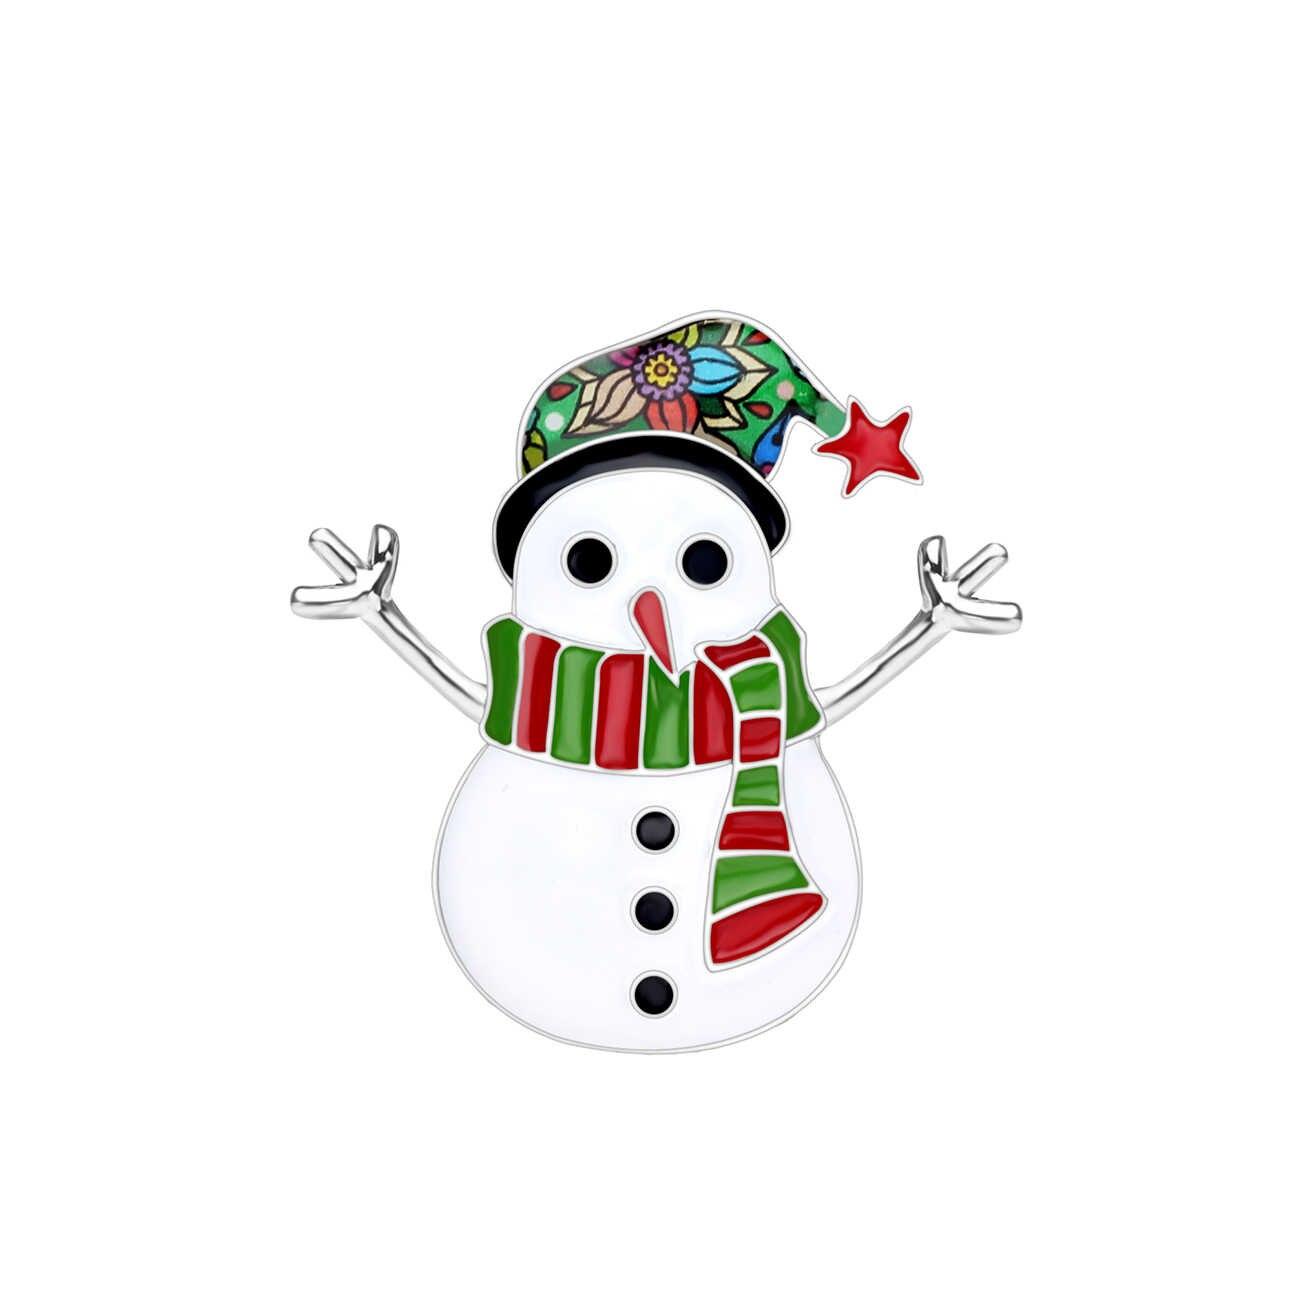 Bonsny Enamel Alloy Kartun Natal Manusia Salju Bros Pakaian Syal Dekorasi Pin Perhiasan Hadiah untuk Wanita Wanita Remaja Bijoux